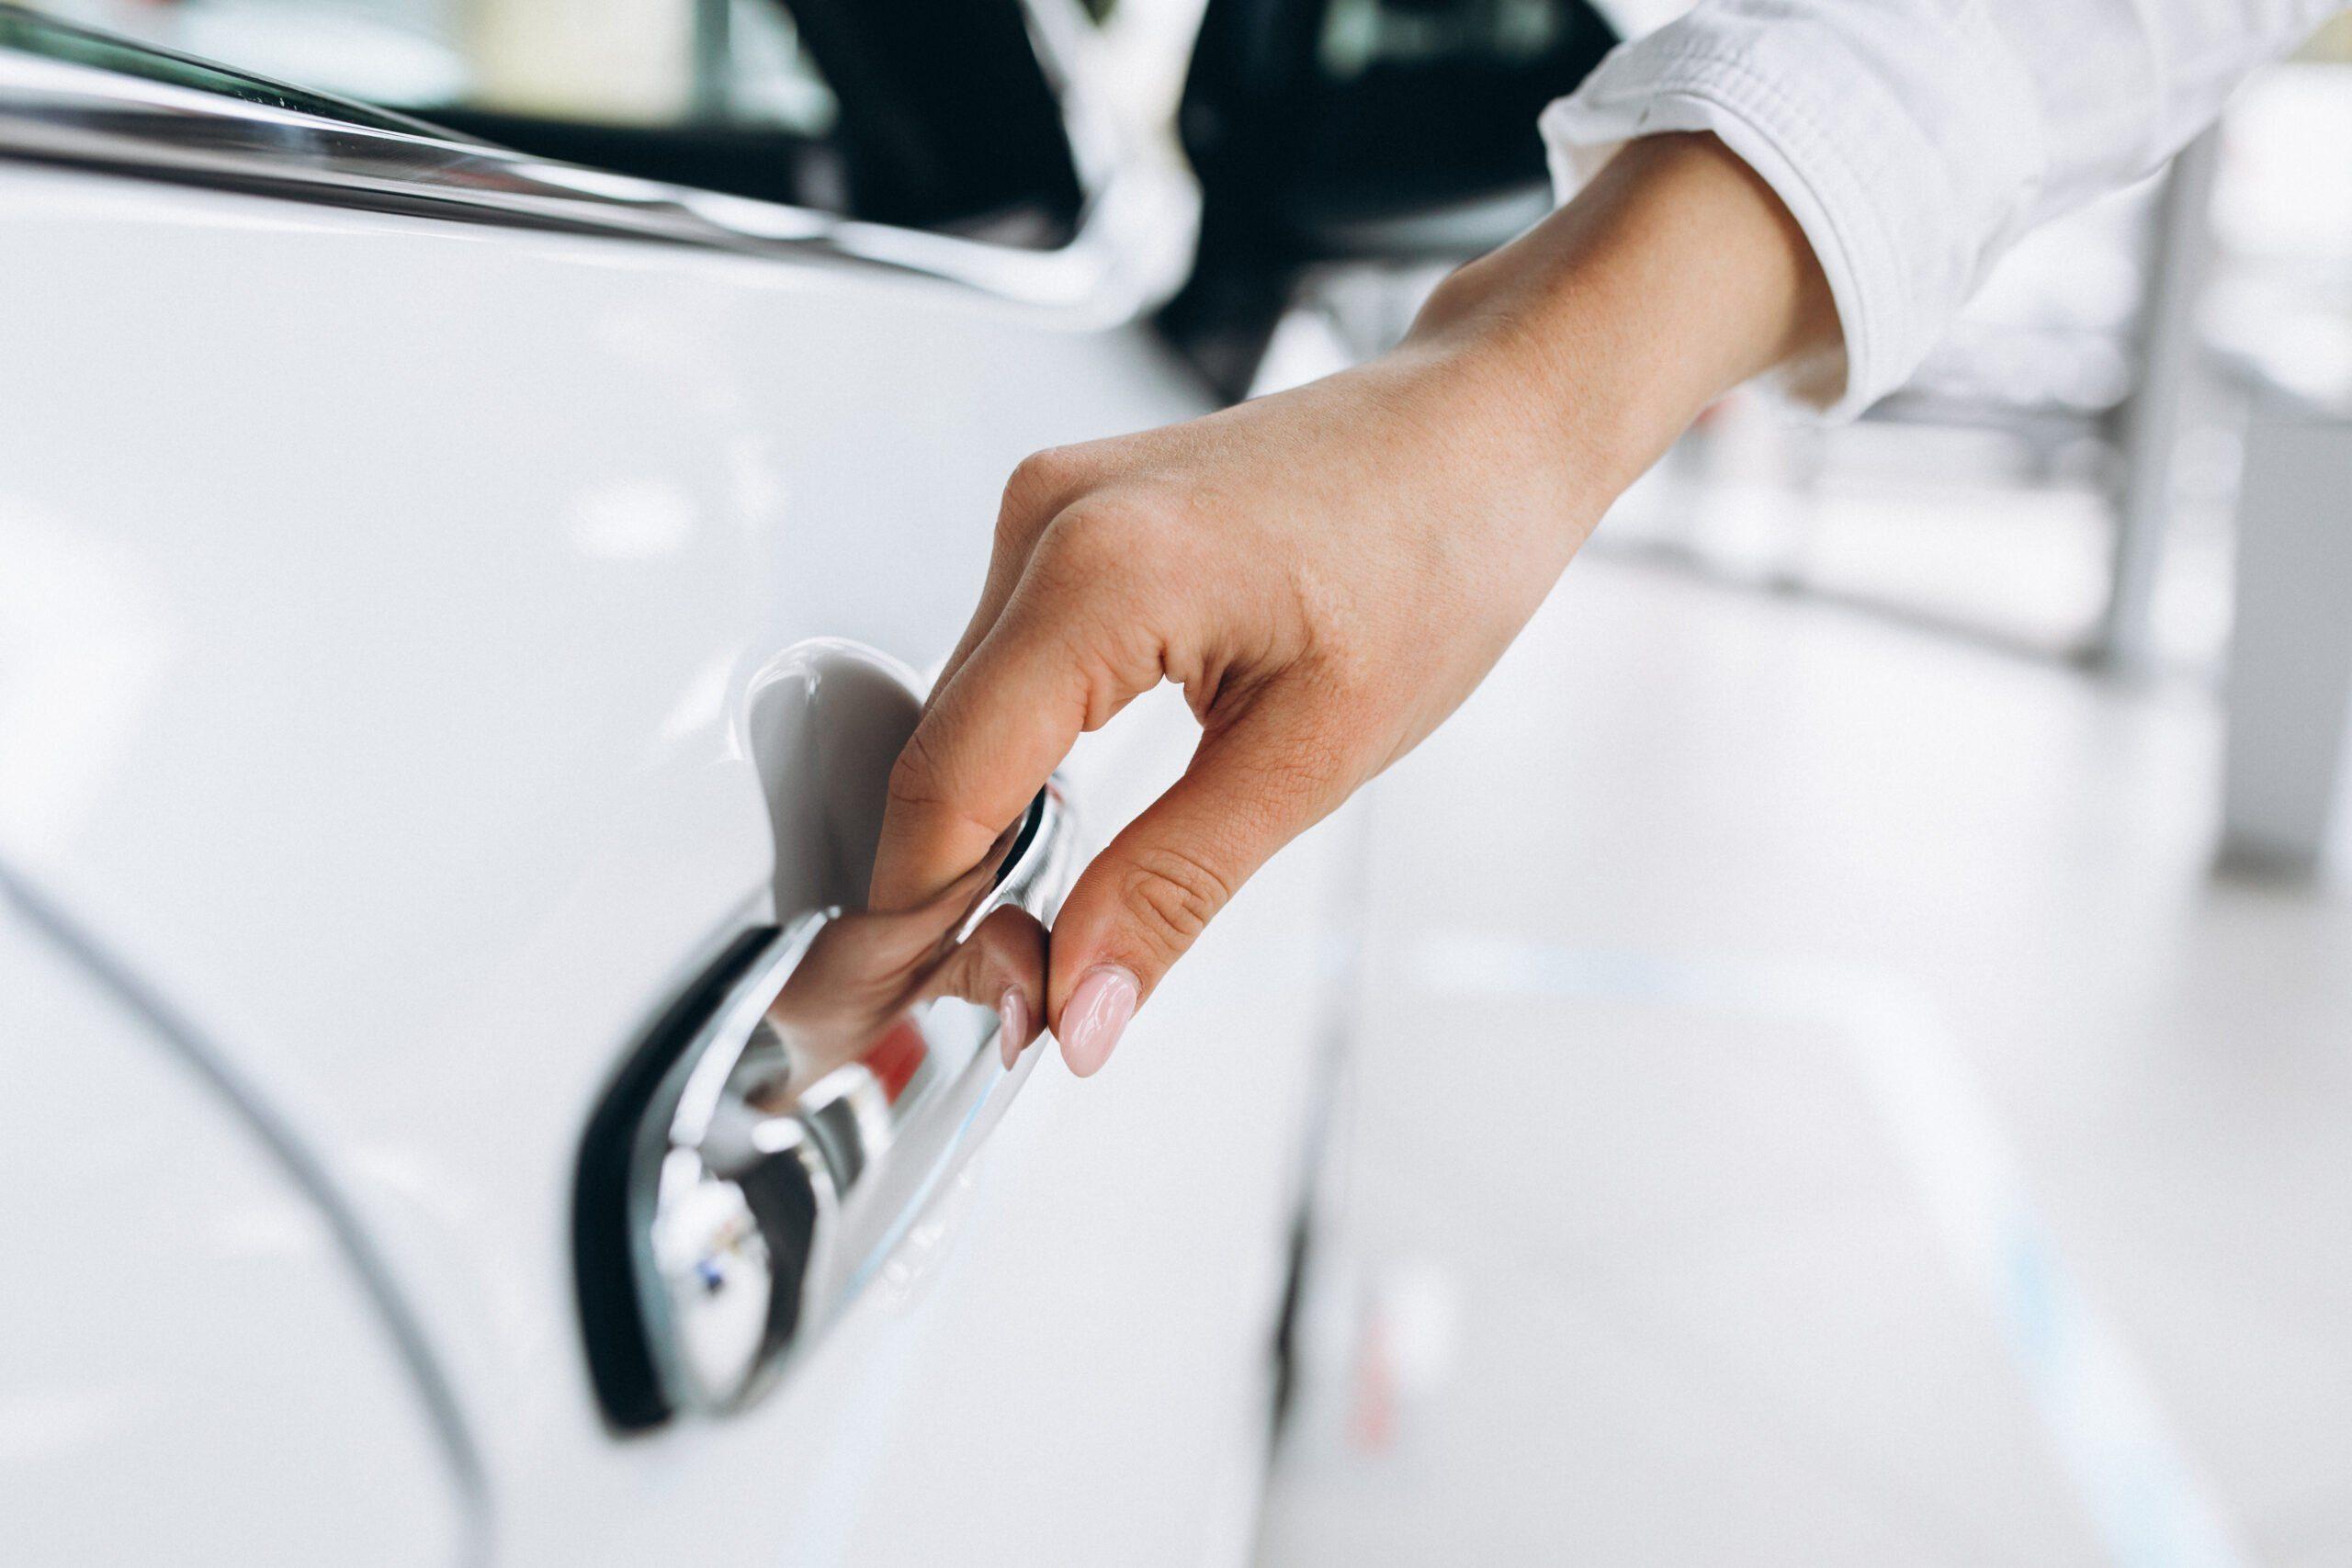 main sur poignée de porte voiture